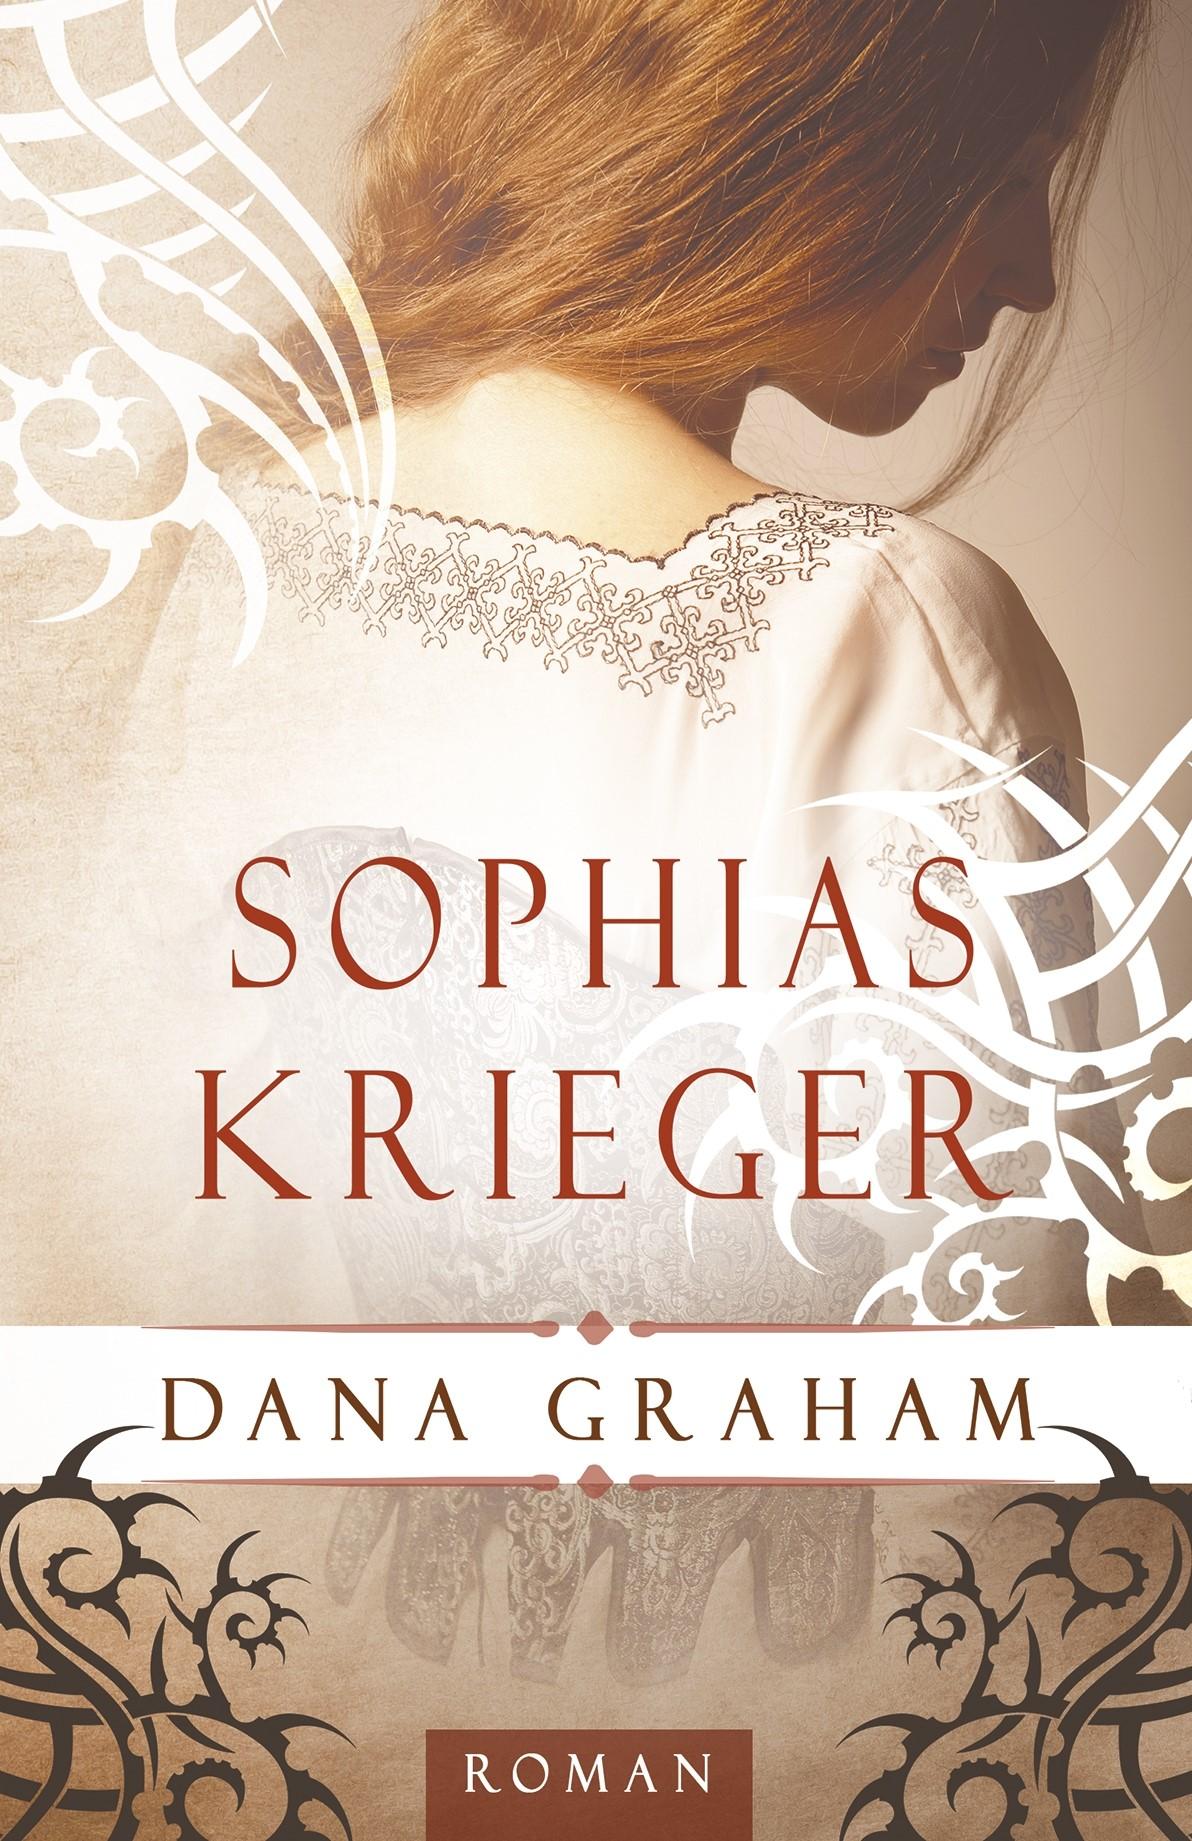 Sophia-Sophias Krieger korr EBook klein 500